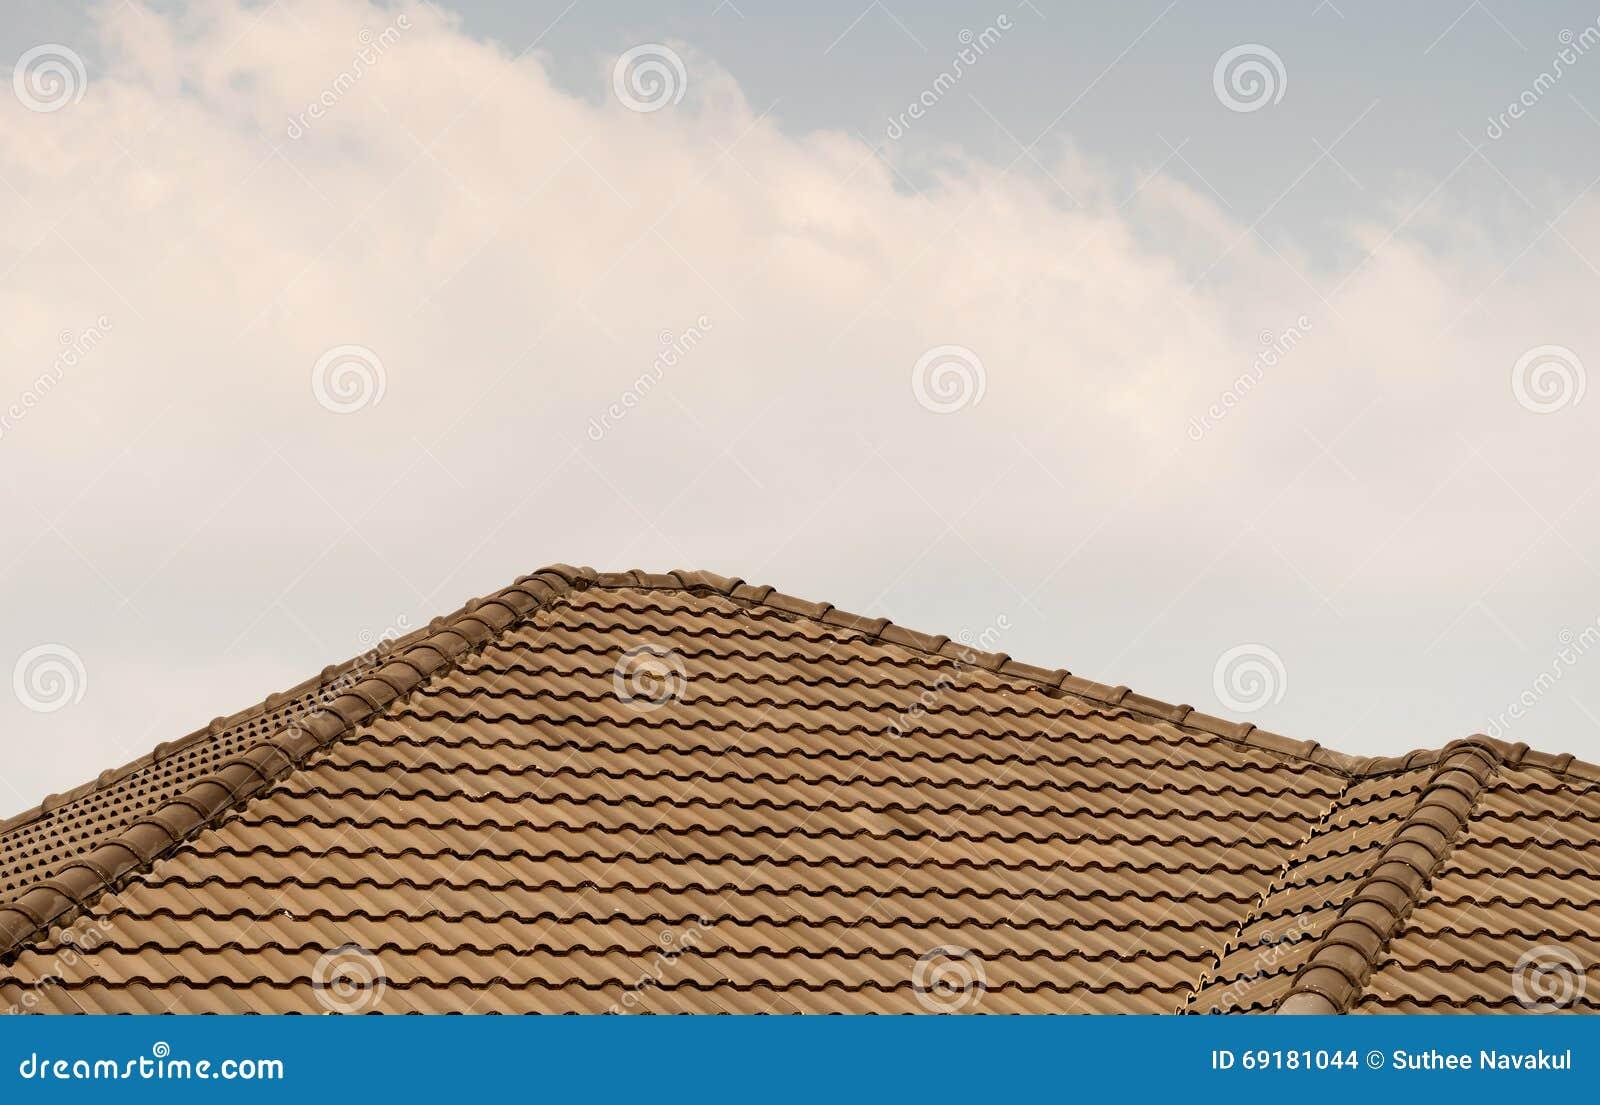 Couvrez la maison de toit carrelé sur le ciel bleu